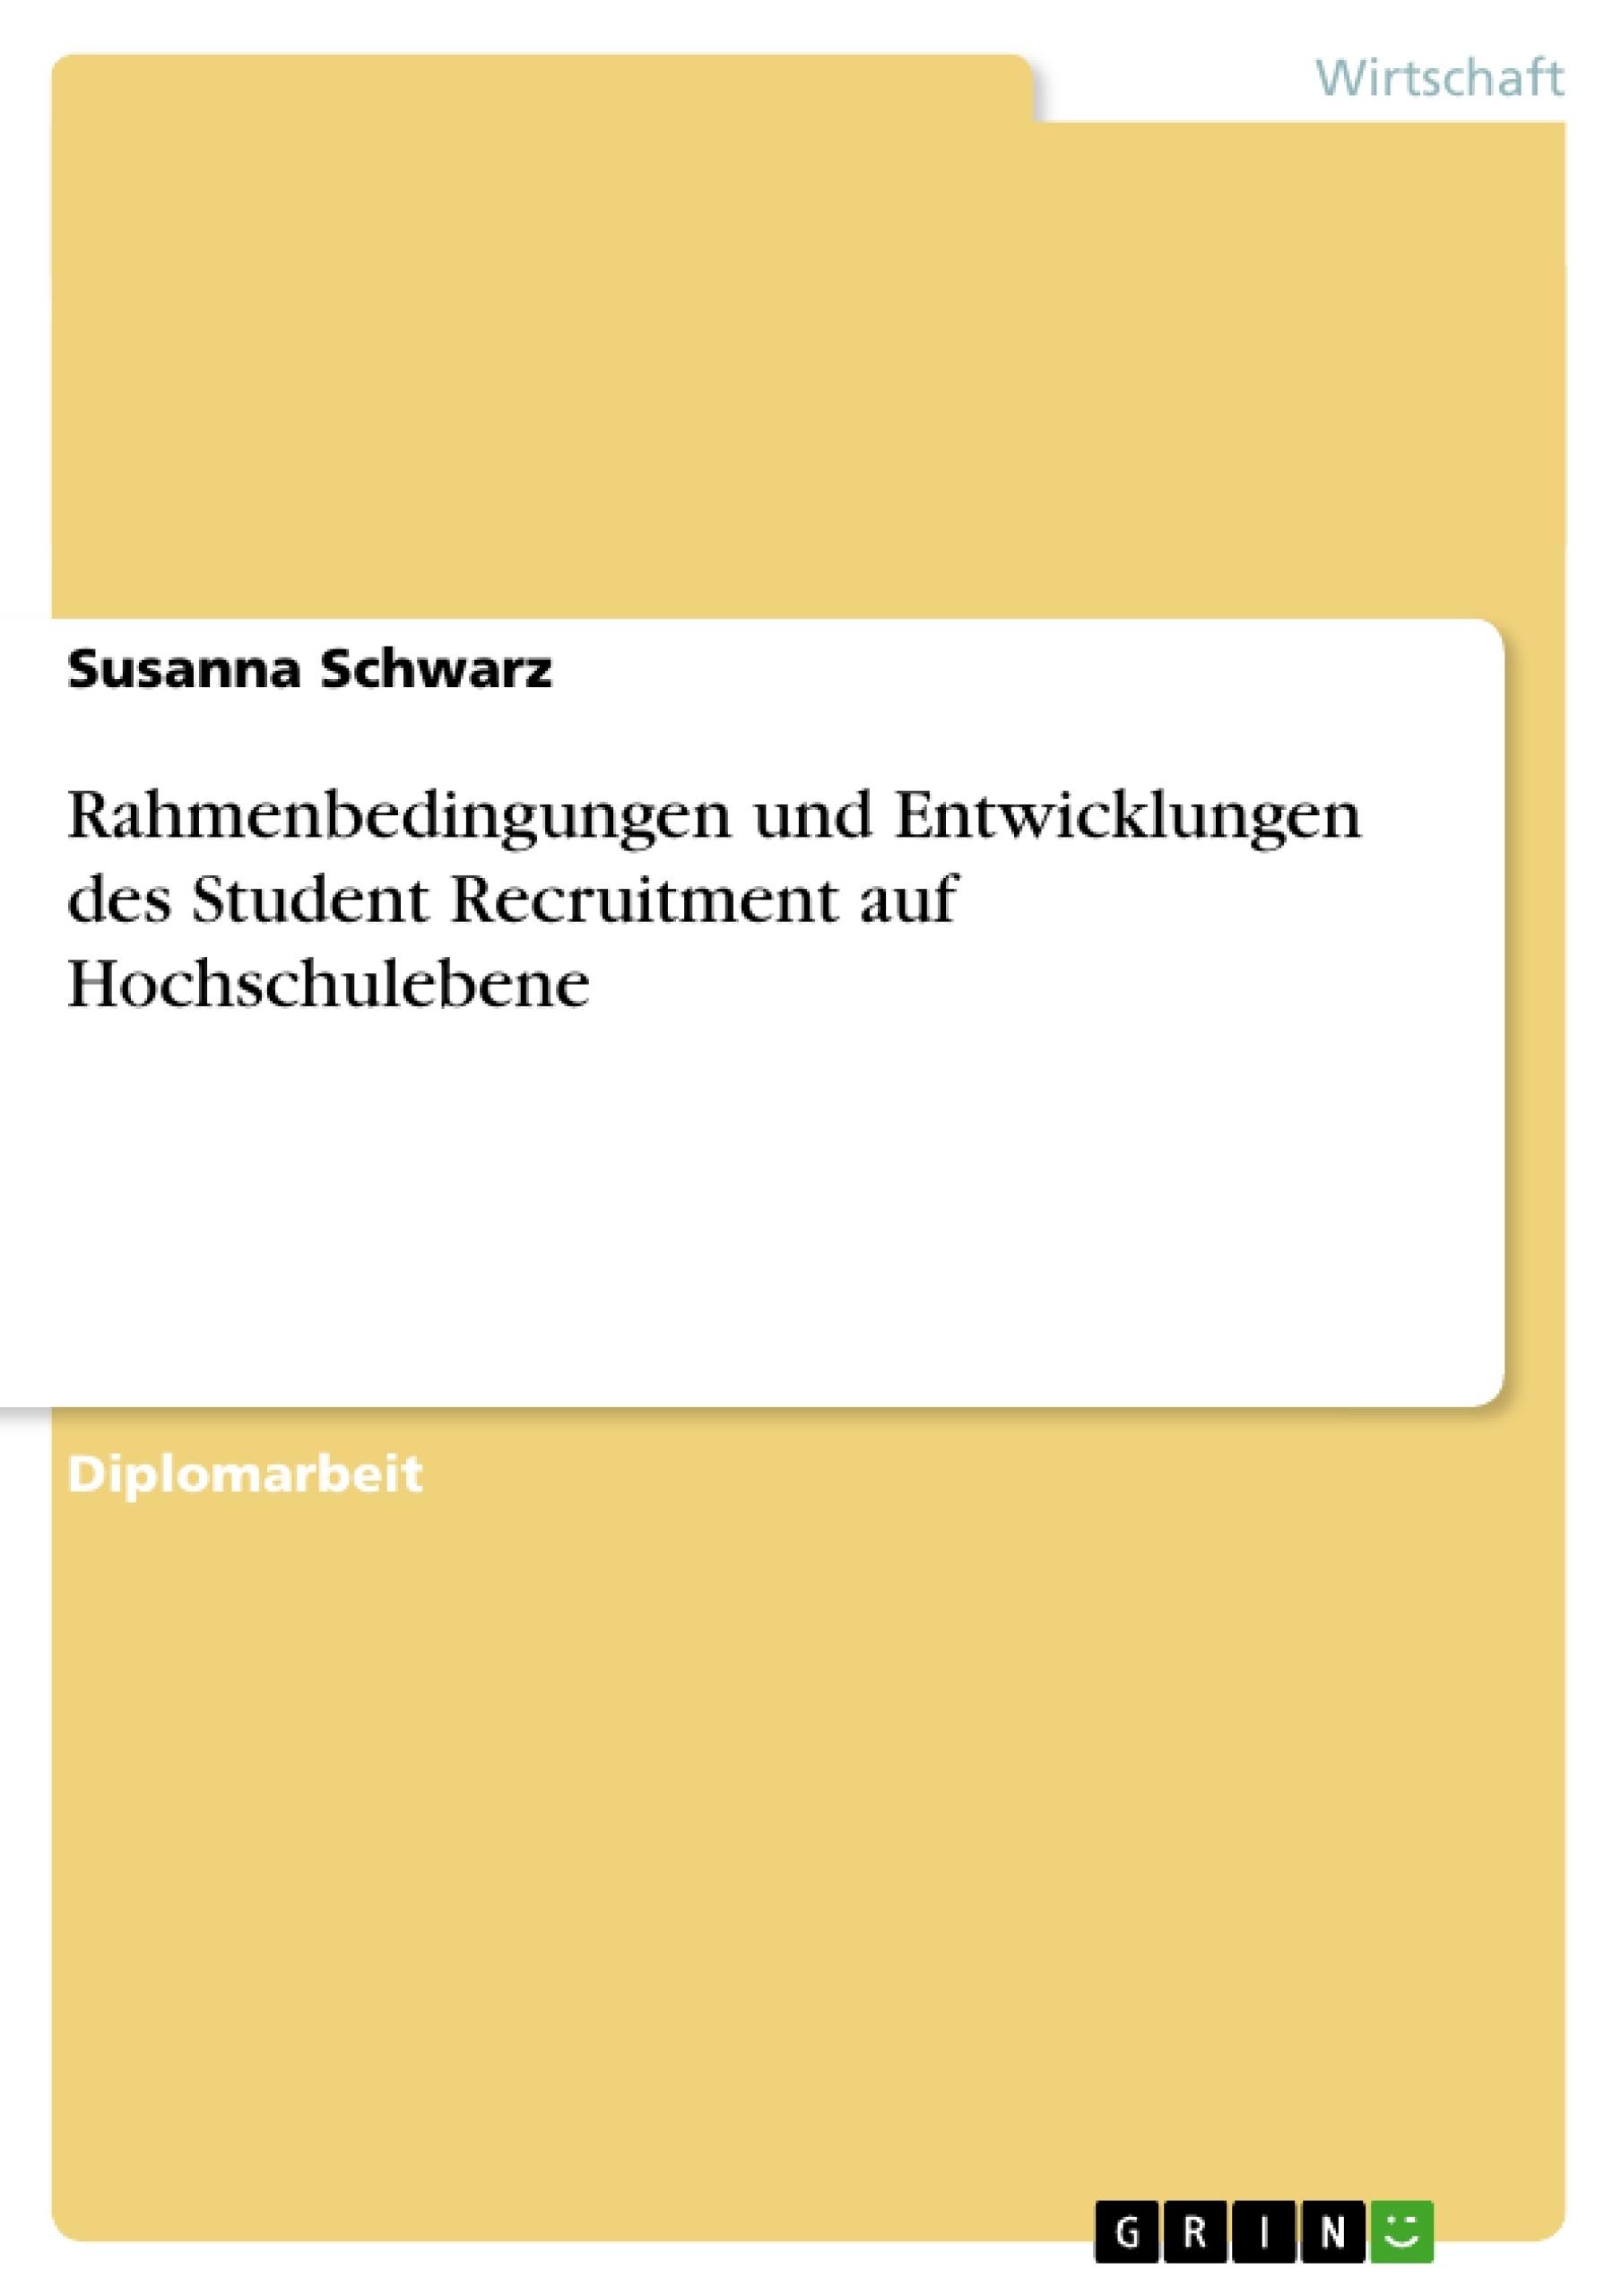 Titel: Rahmenbedingungen und Entwicklungen des Student Recruitment auf Hochschulebene